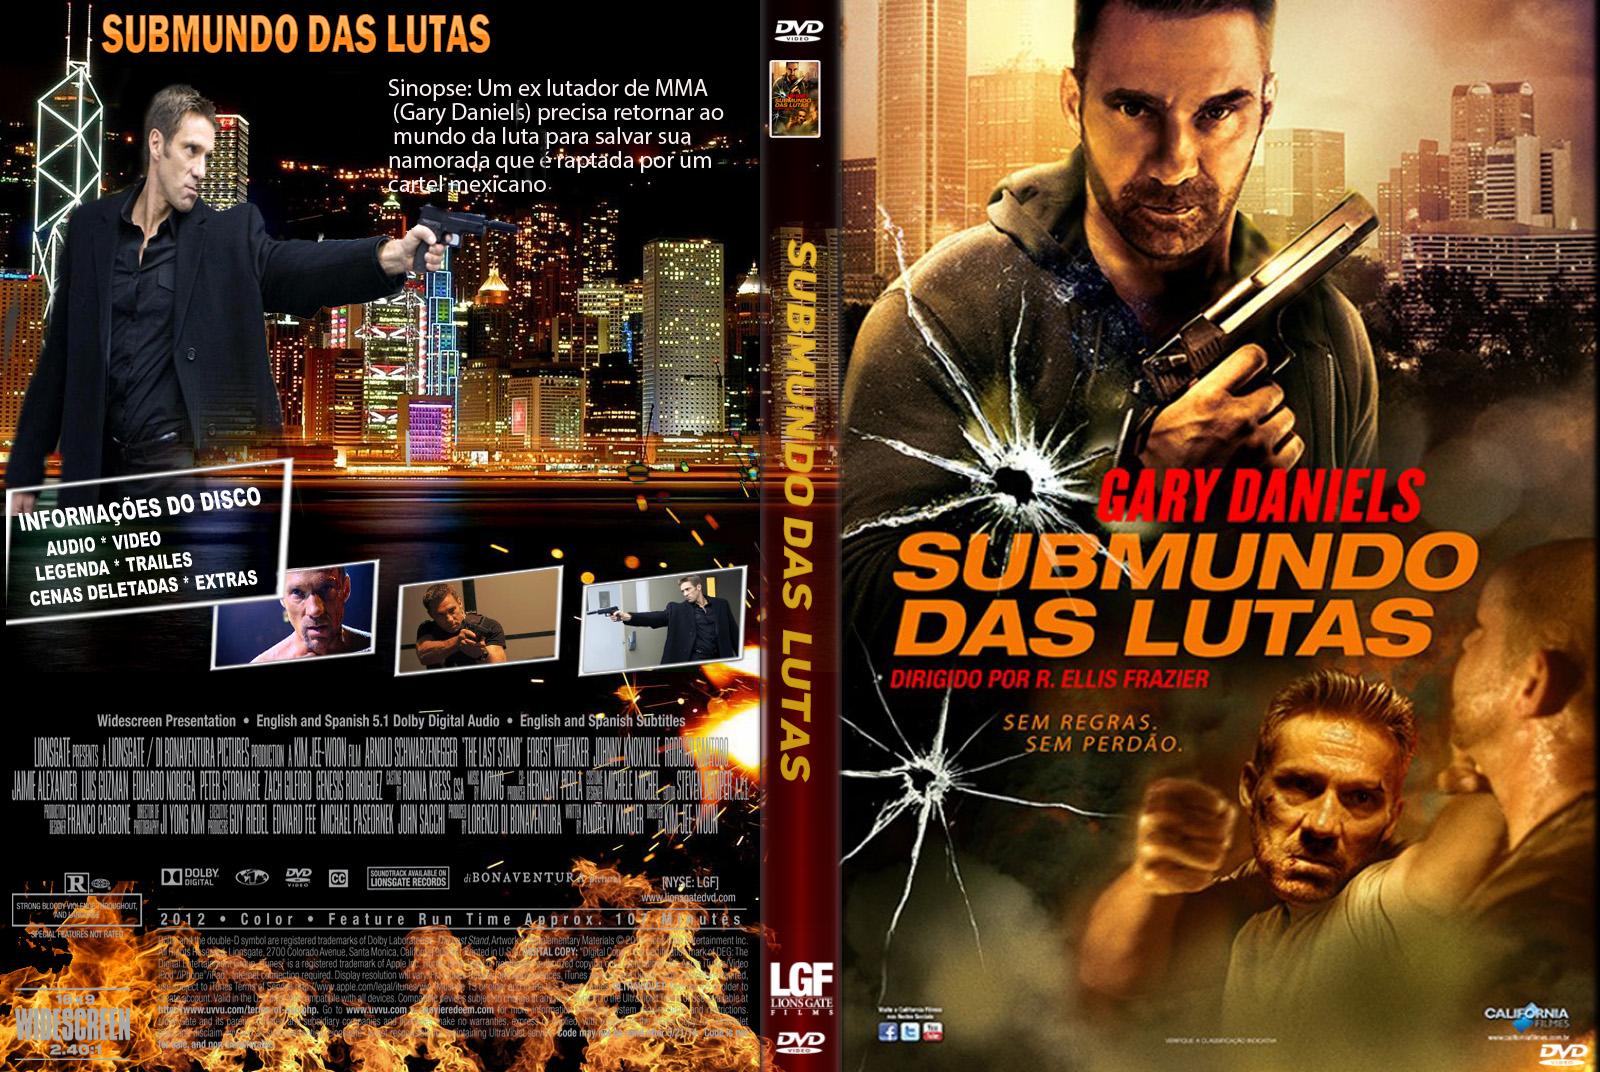 Download Submundo das Lutas DVDRip XviD Dual Áudio SUBMUNDO 2BDAS 2BLUTAS